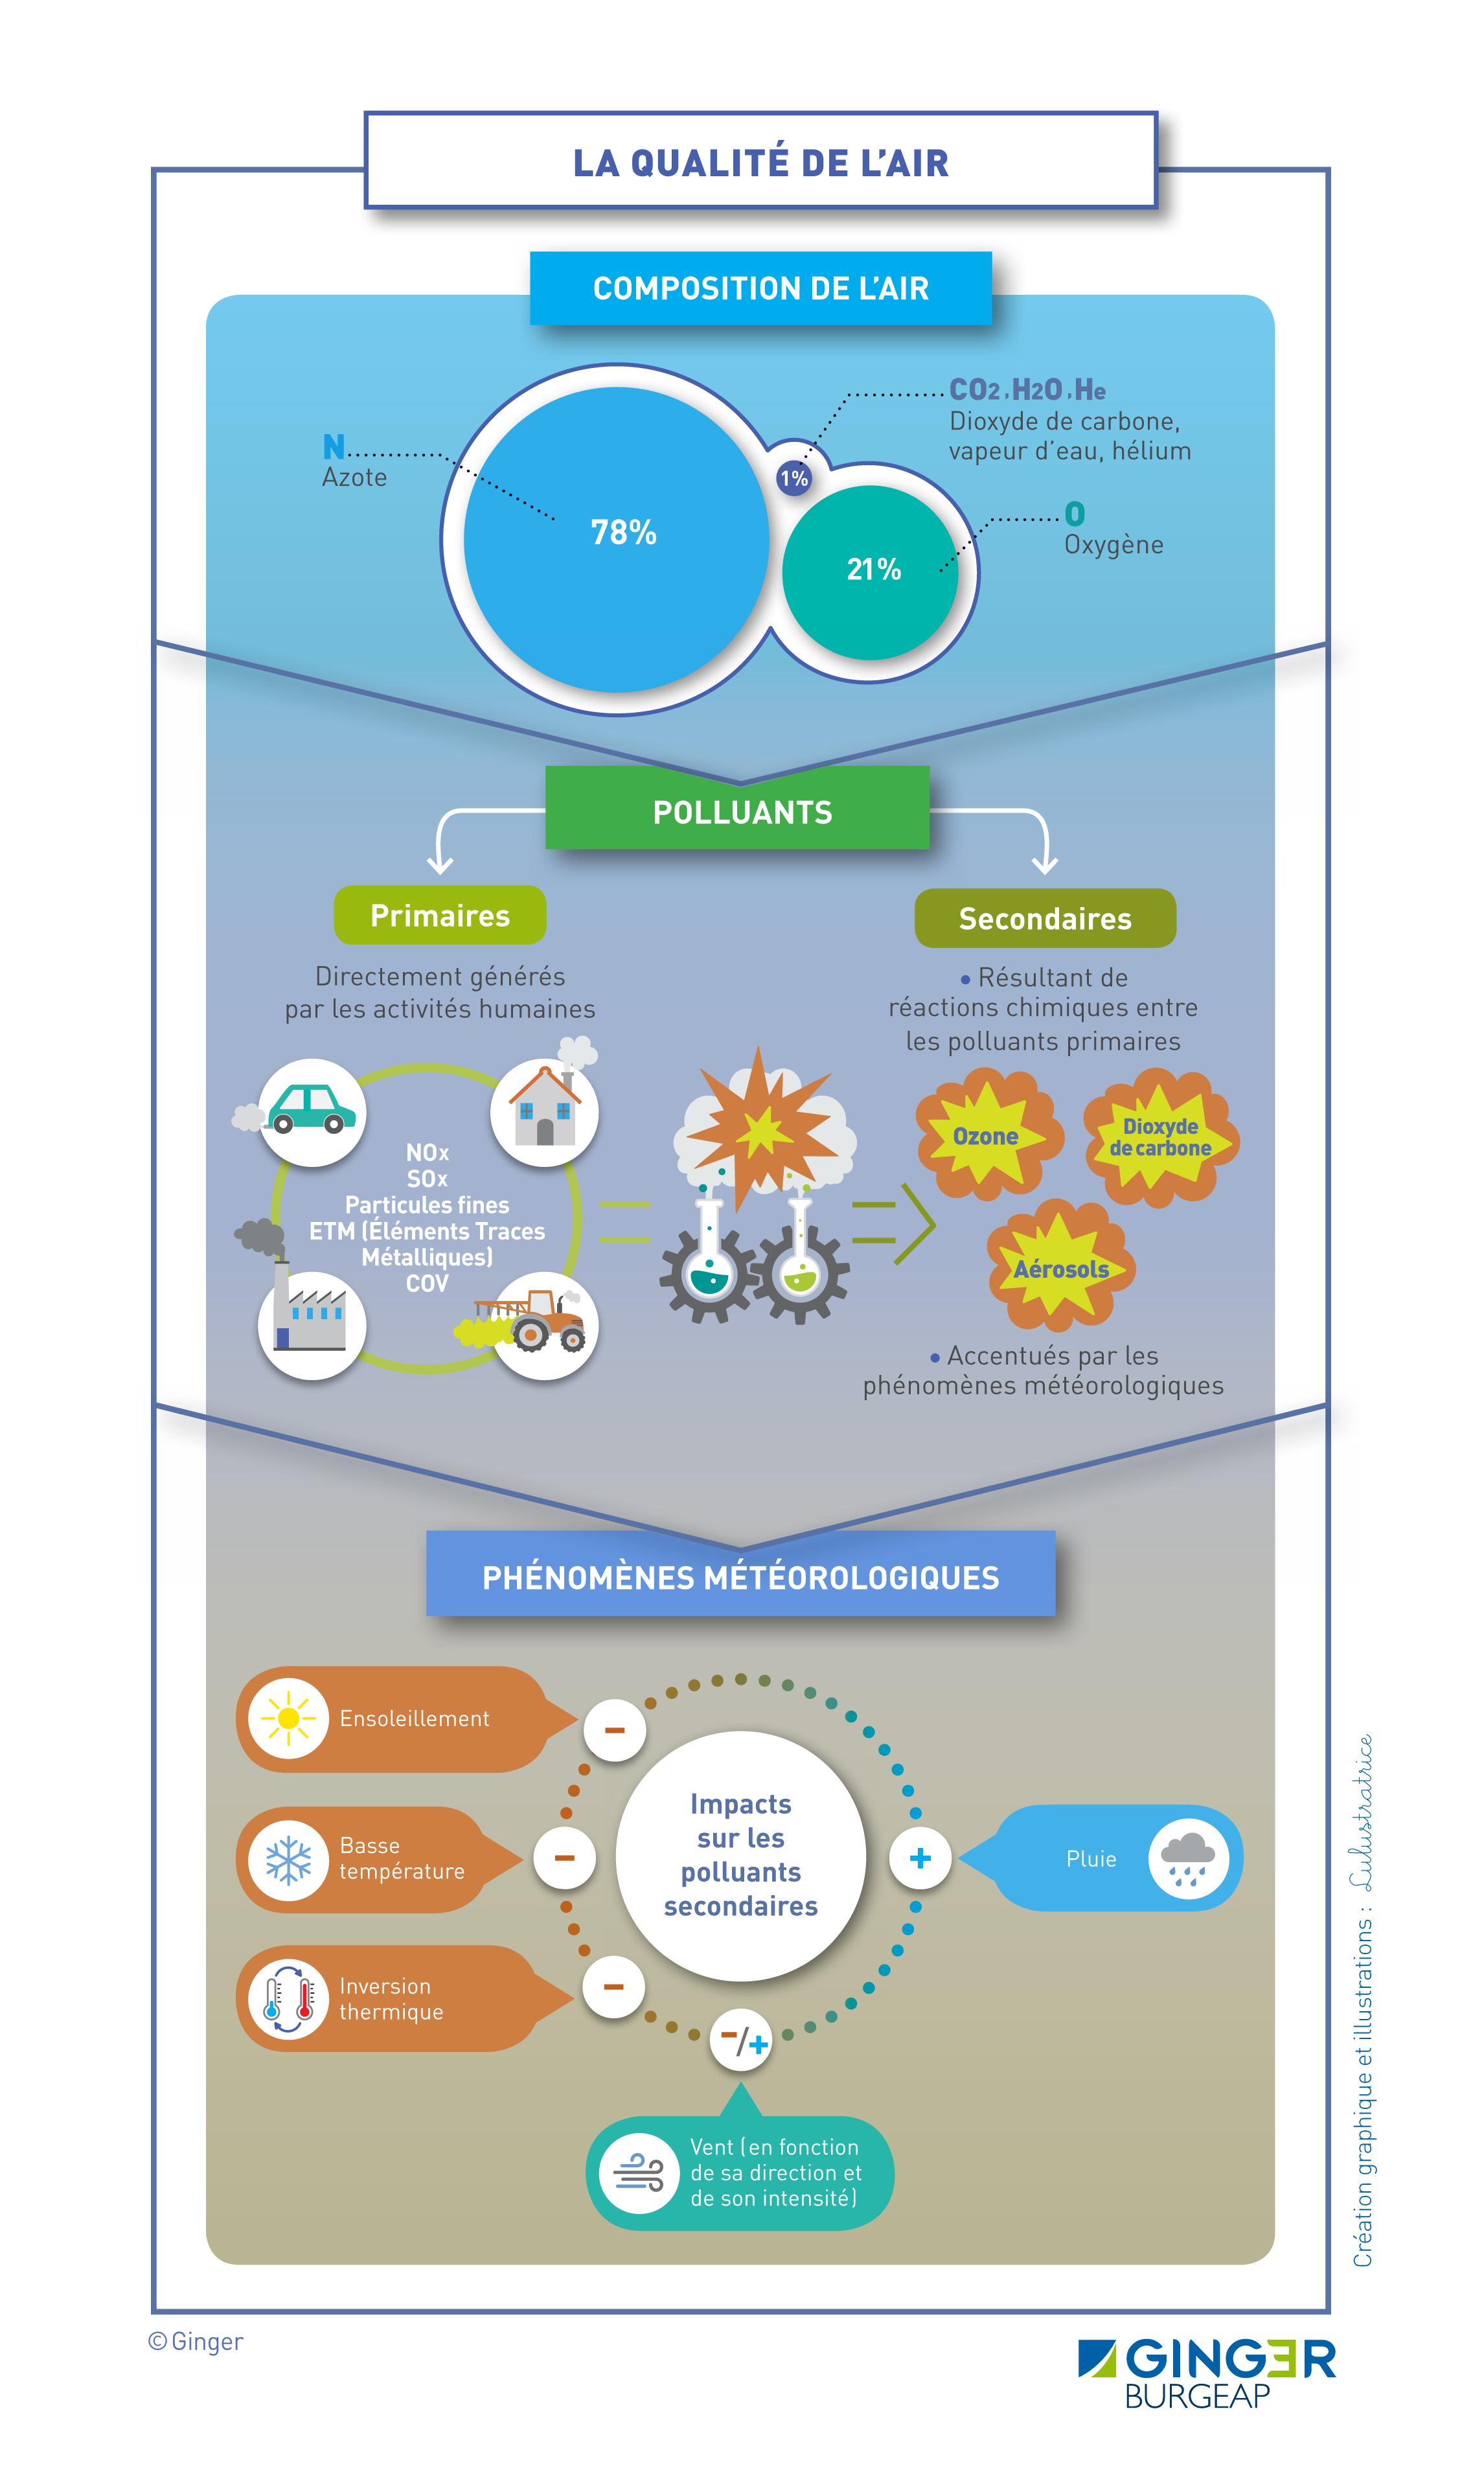 Schéma explicatif et de synthèse sur la qualité de l'air et les pollutions